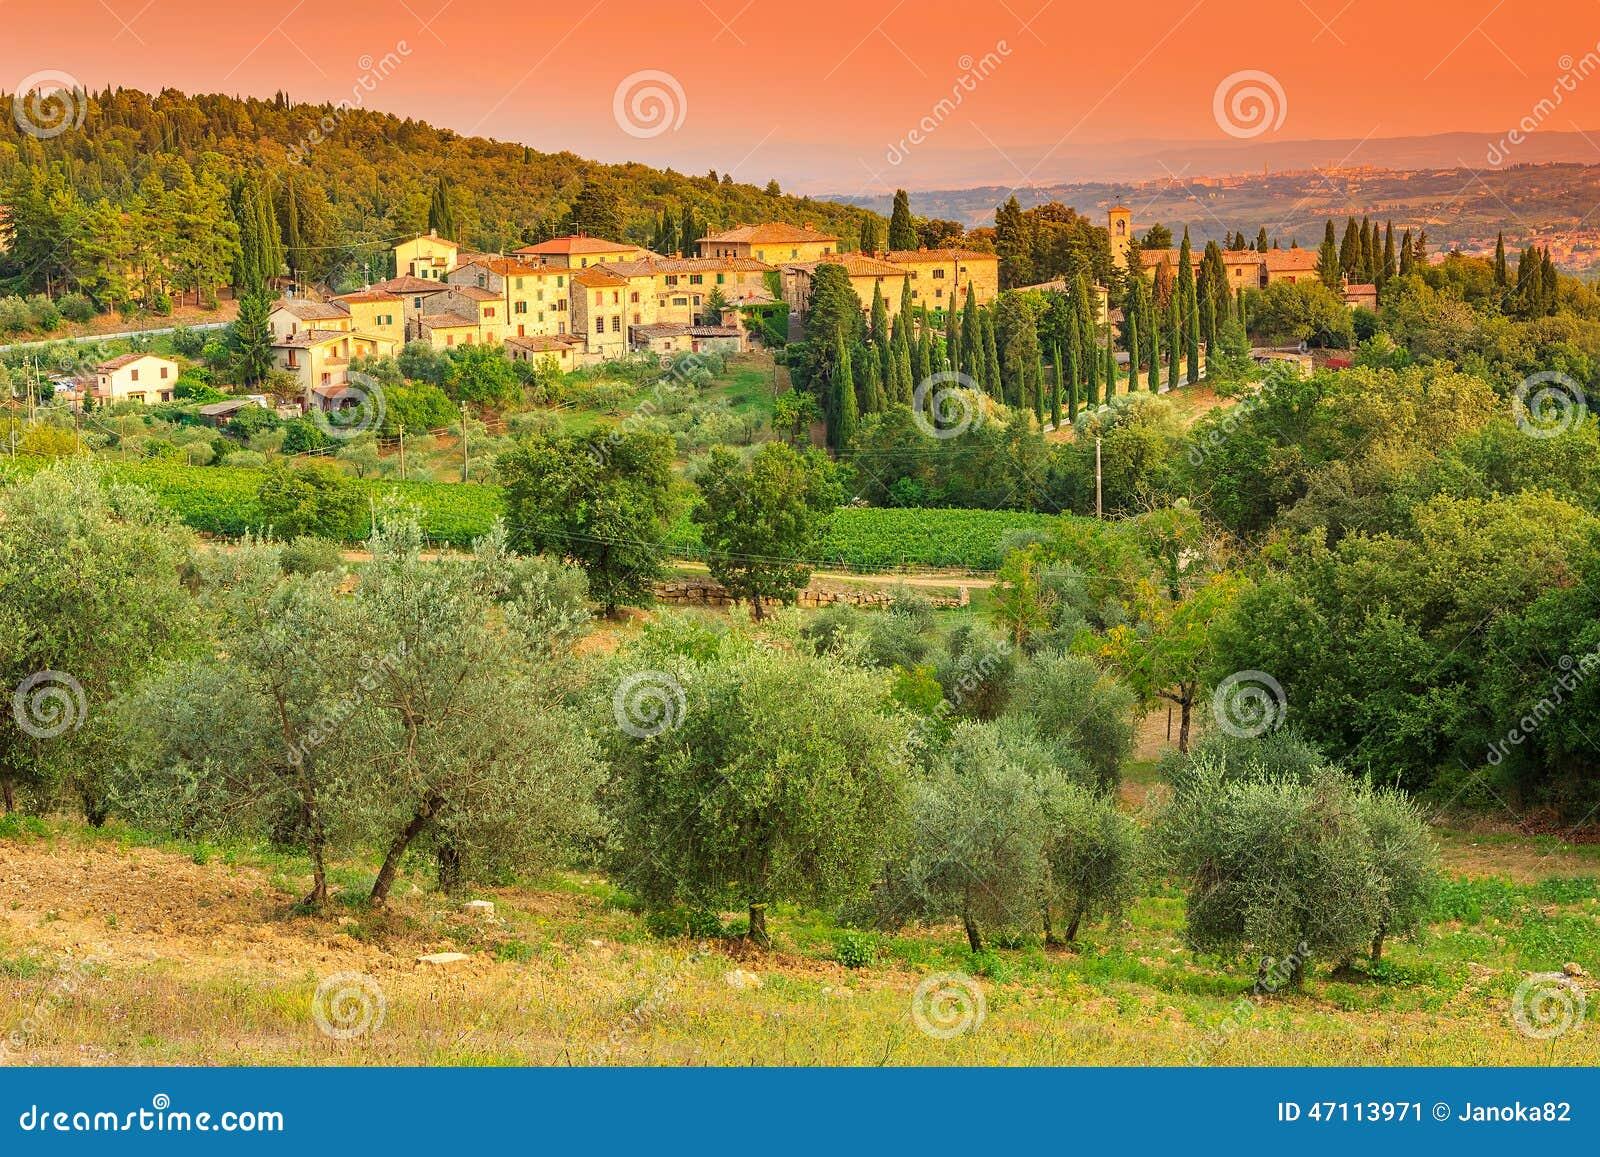 Tuscany krajobraz z grodzką i oliwną plantacją na wzgórzu